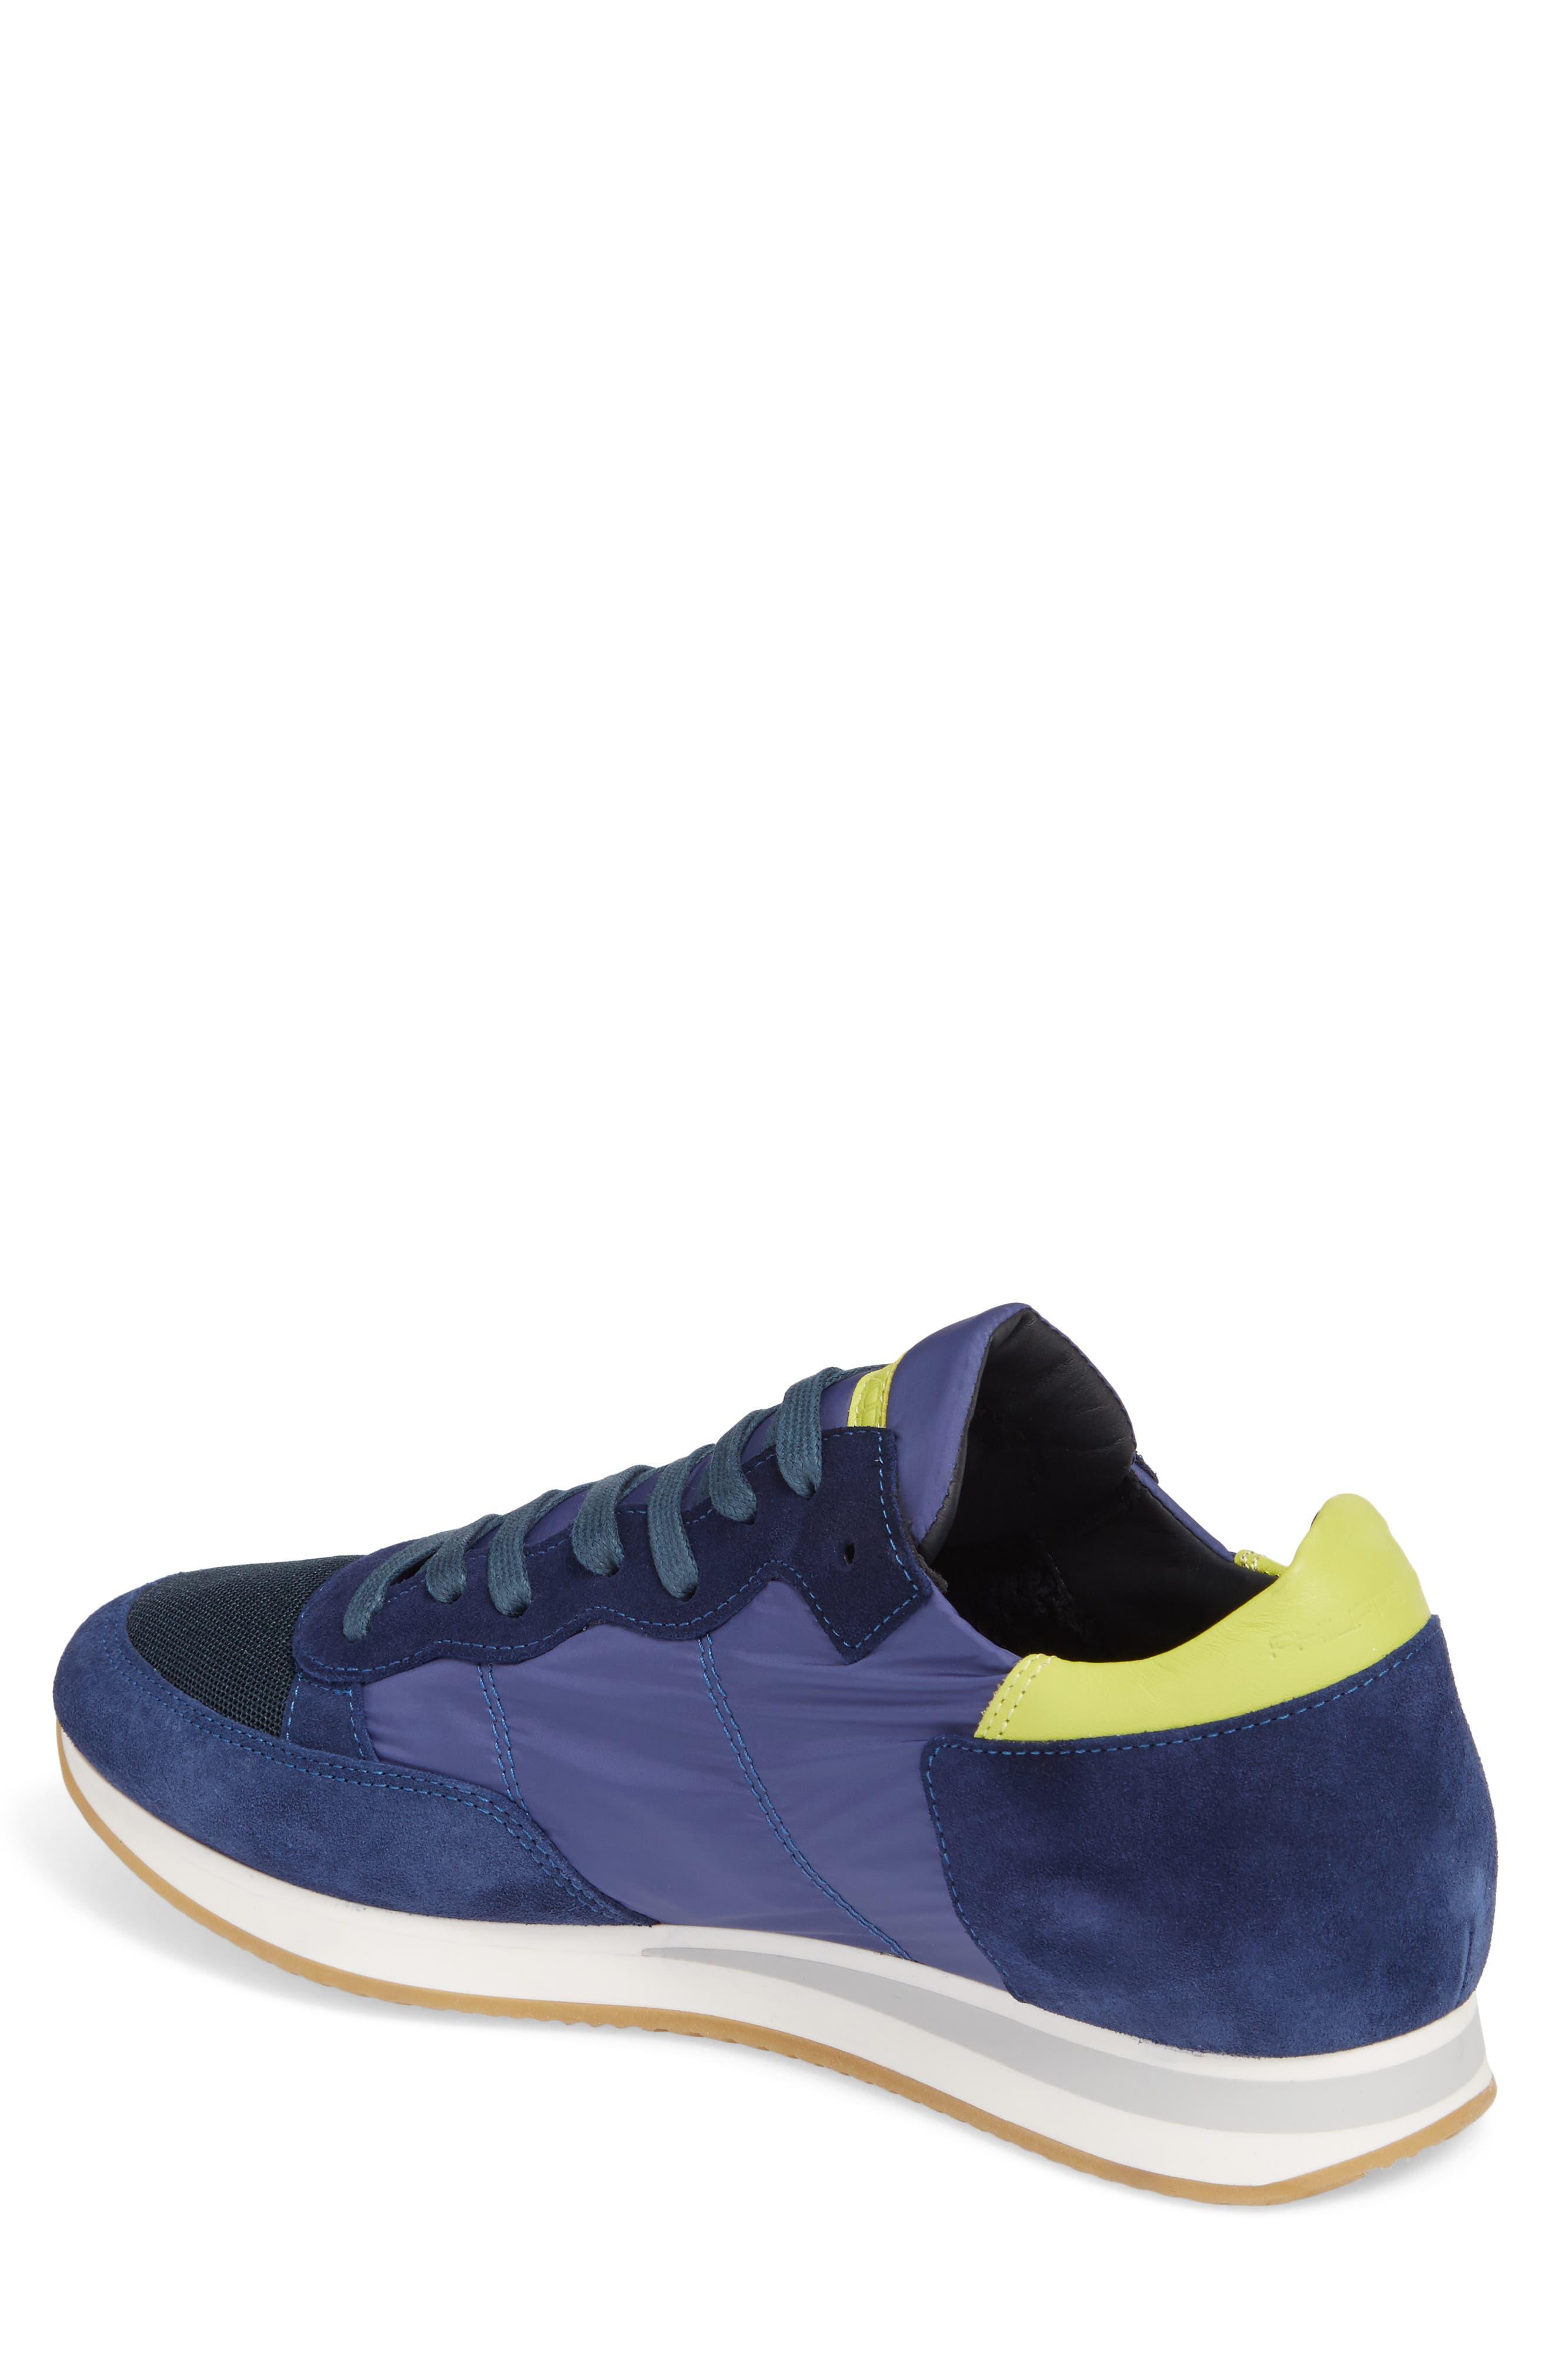 Tropez Low Top Sneaker,                             Alternate thumbnail 2, color,                             Blue/ Citron